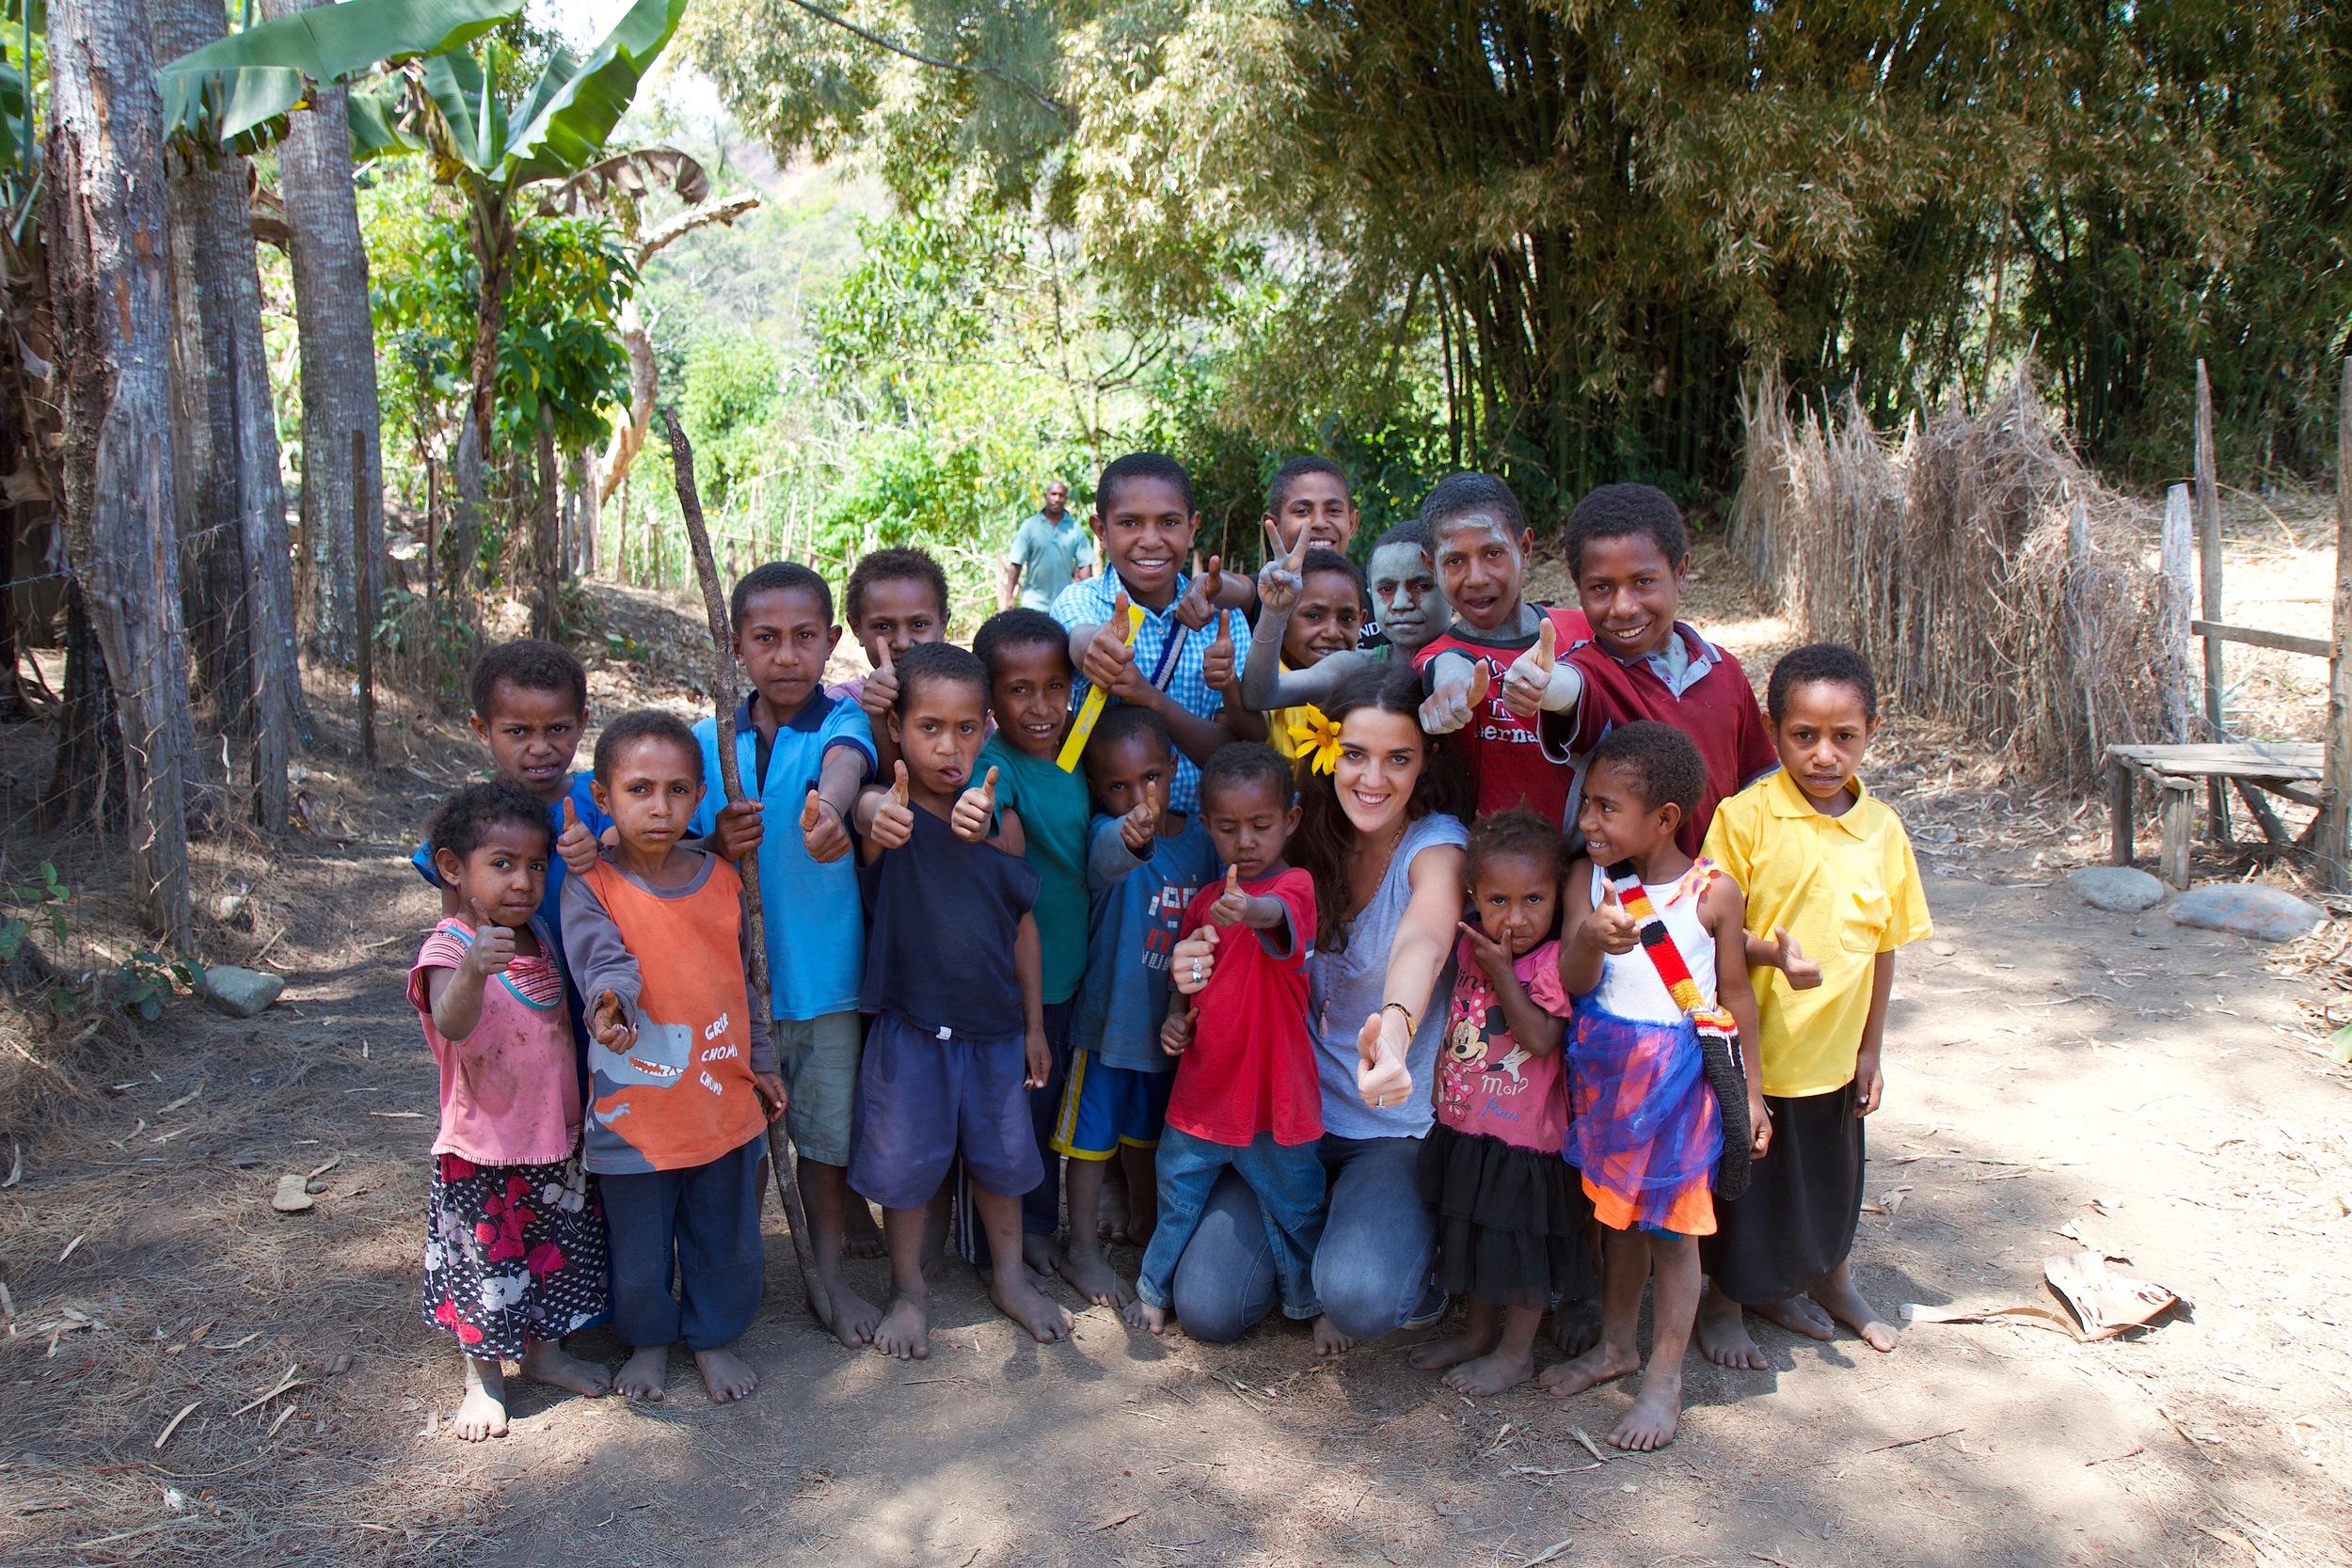 olga & village kids thumbs up in jpeg.jpg